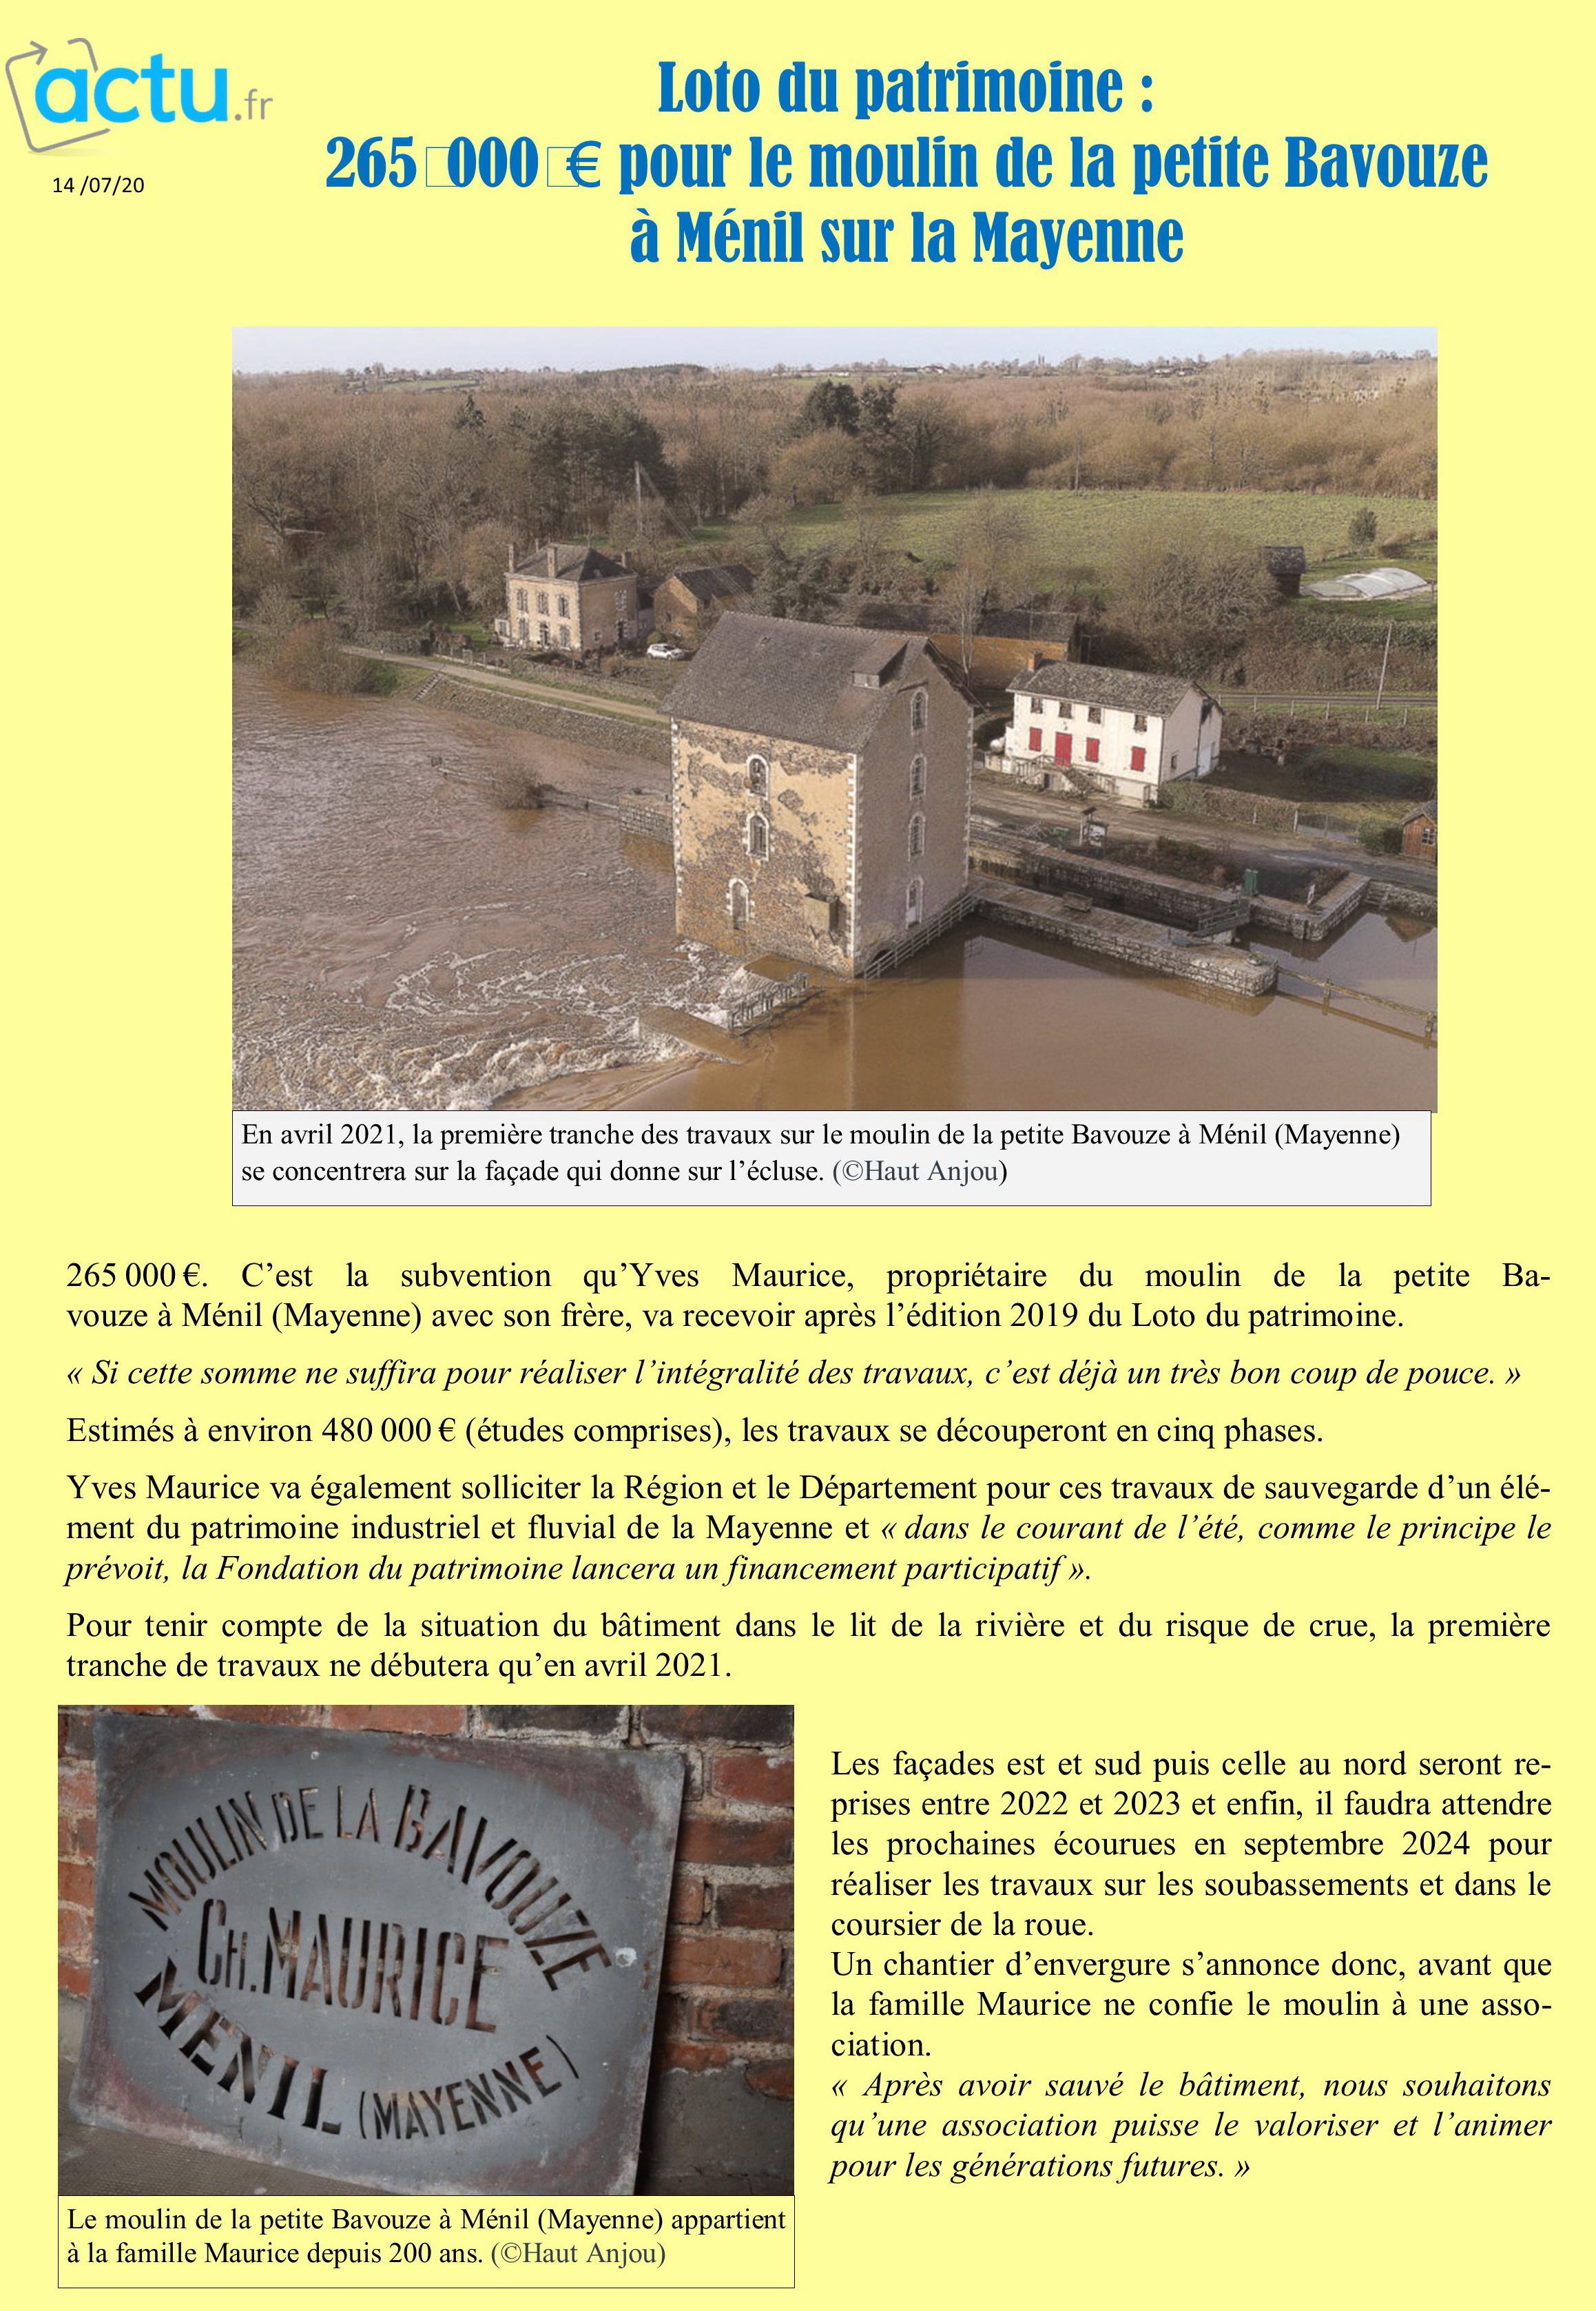 Loto patrimoine moulinMénil Mayenne